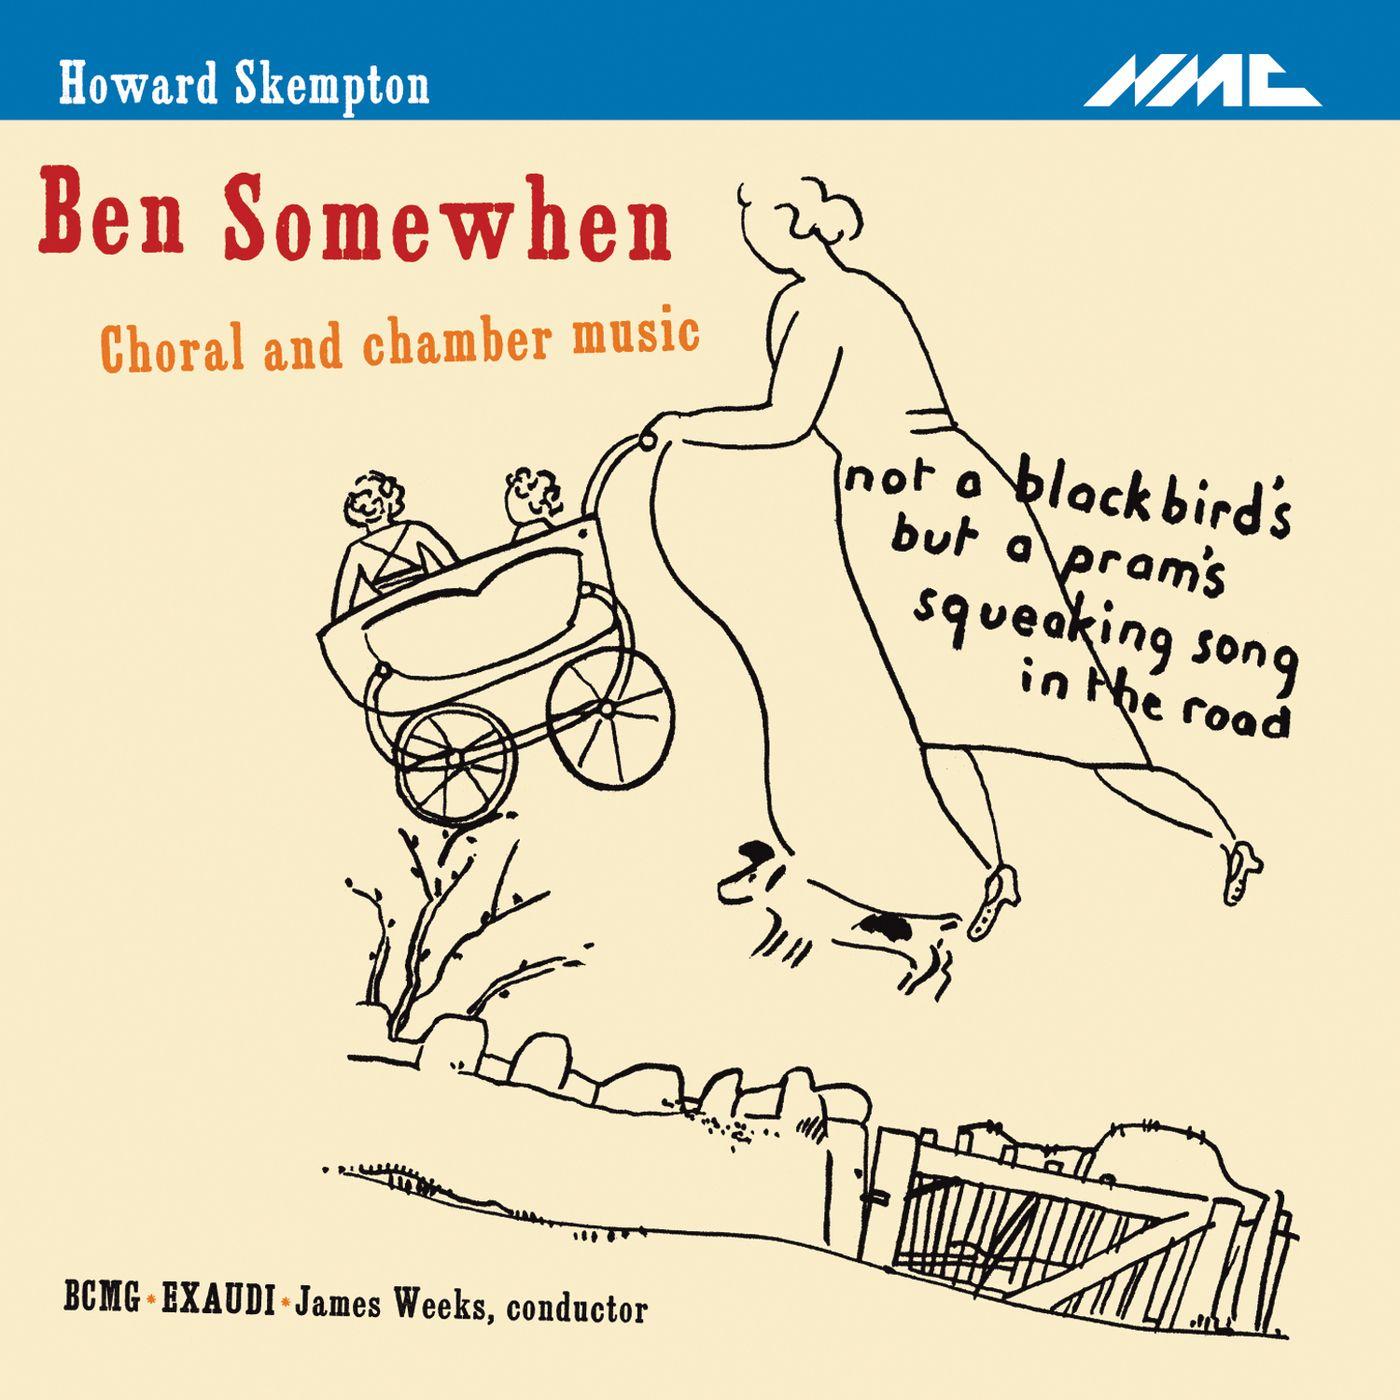 Howard Skempton - Ben Somewhen